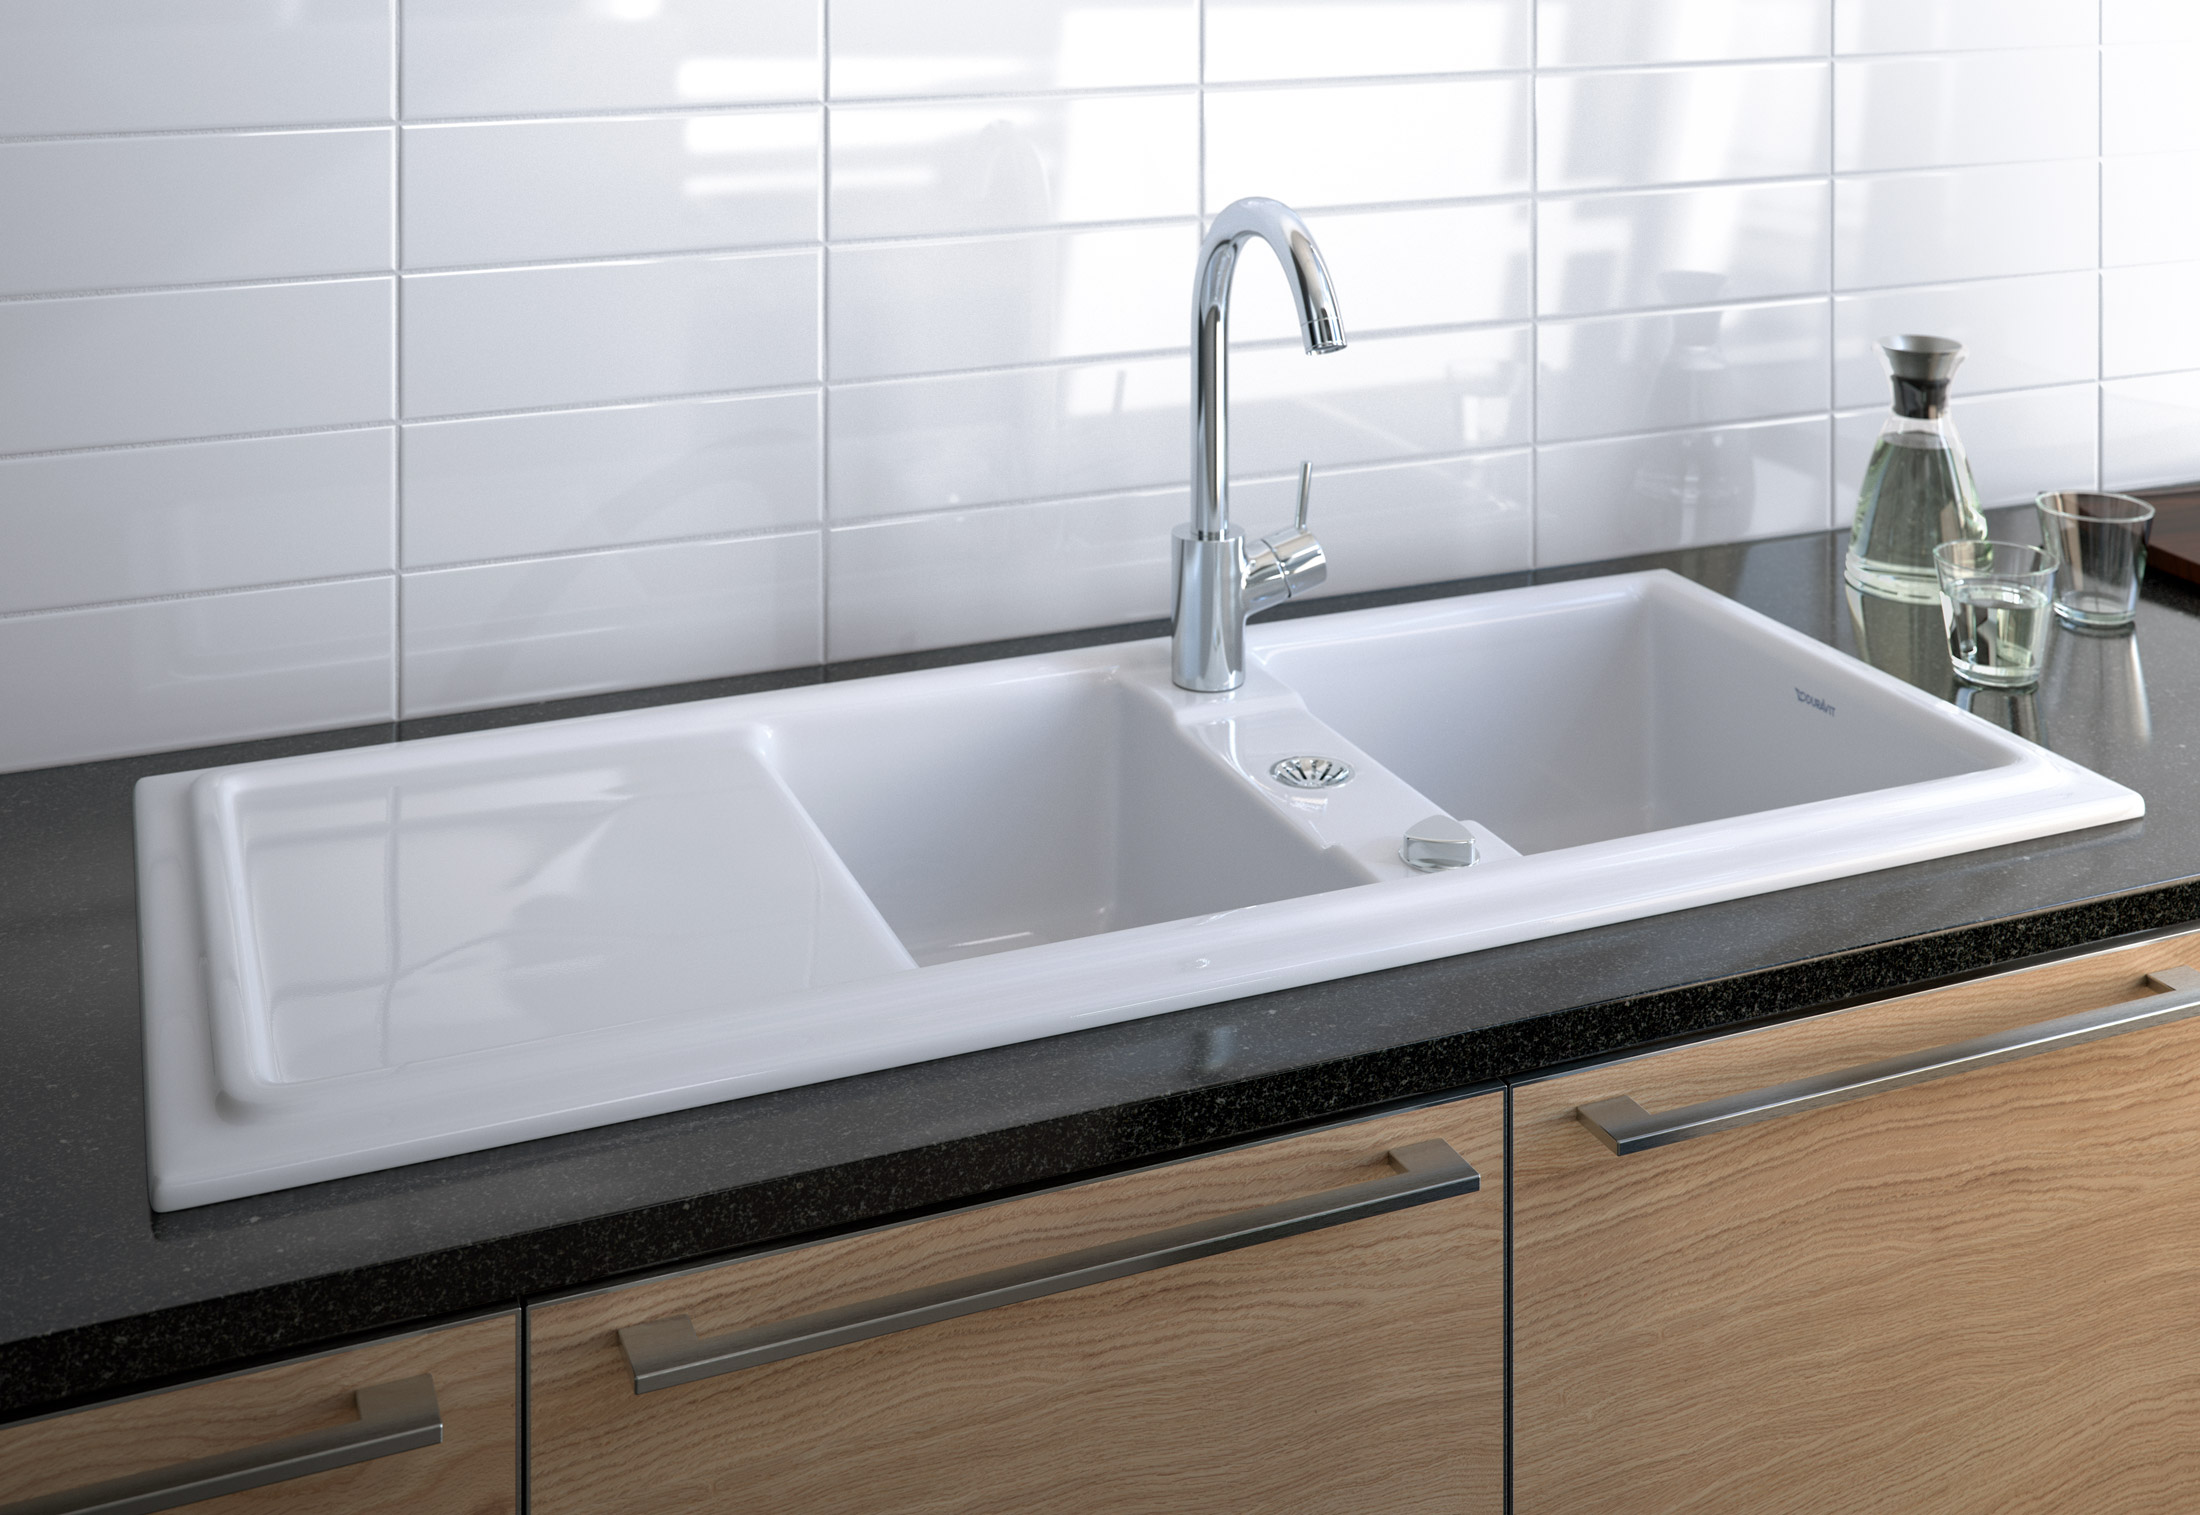 cassia kitchen sink by duravit stylepark rh stylepark com